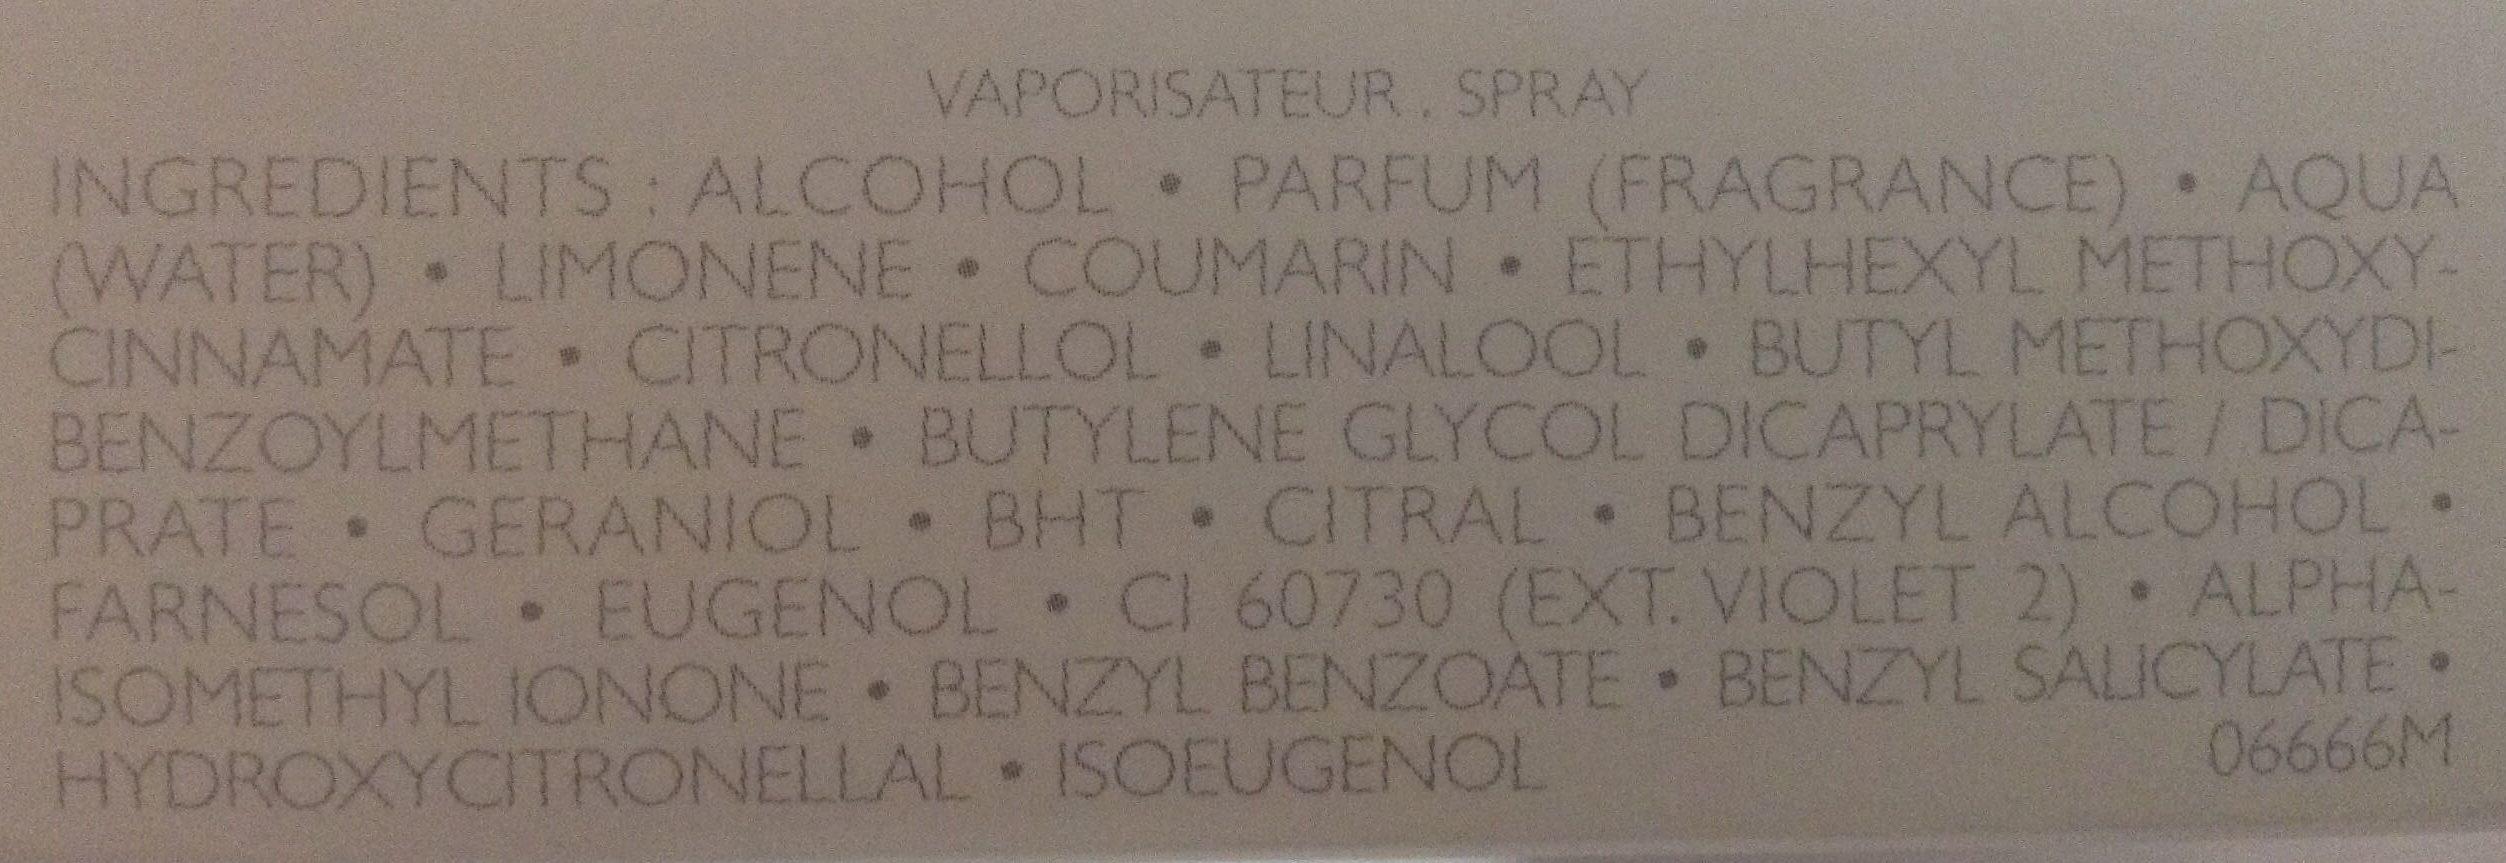 La petite robe noire eau de parfum - Ingredients